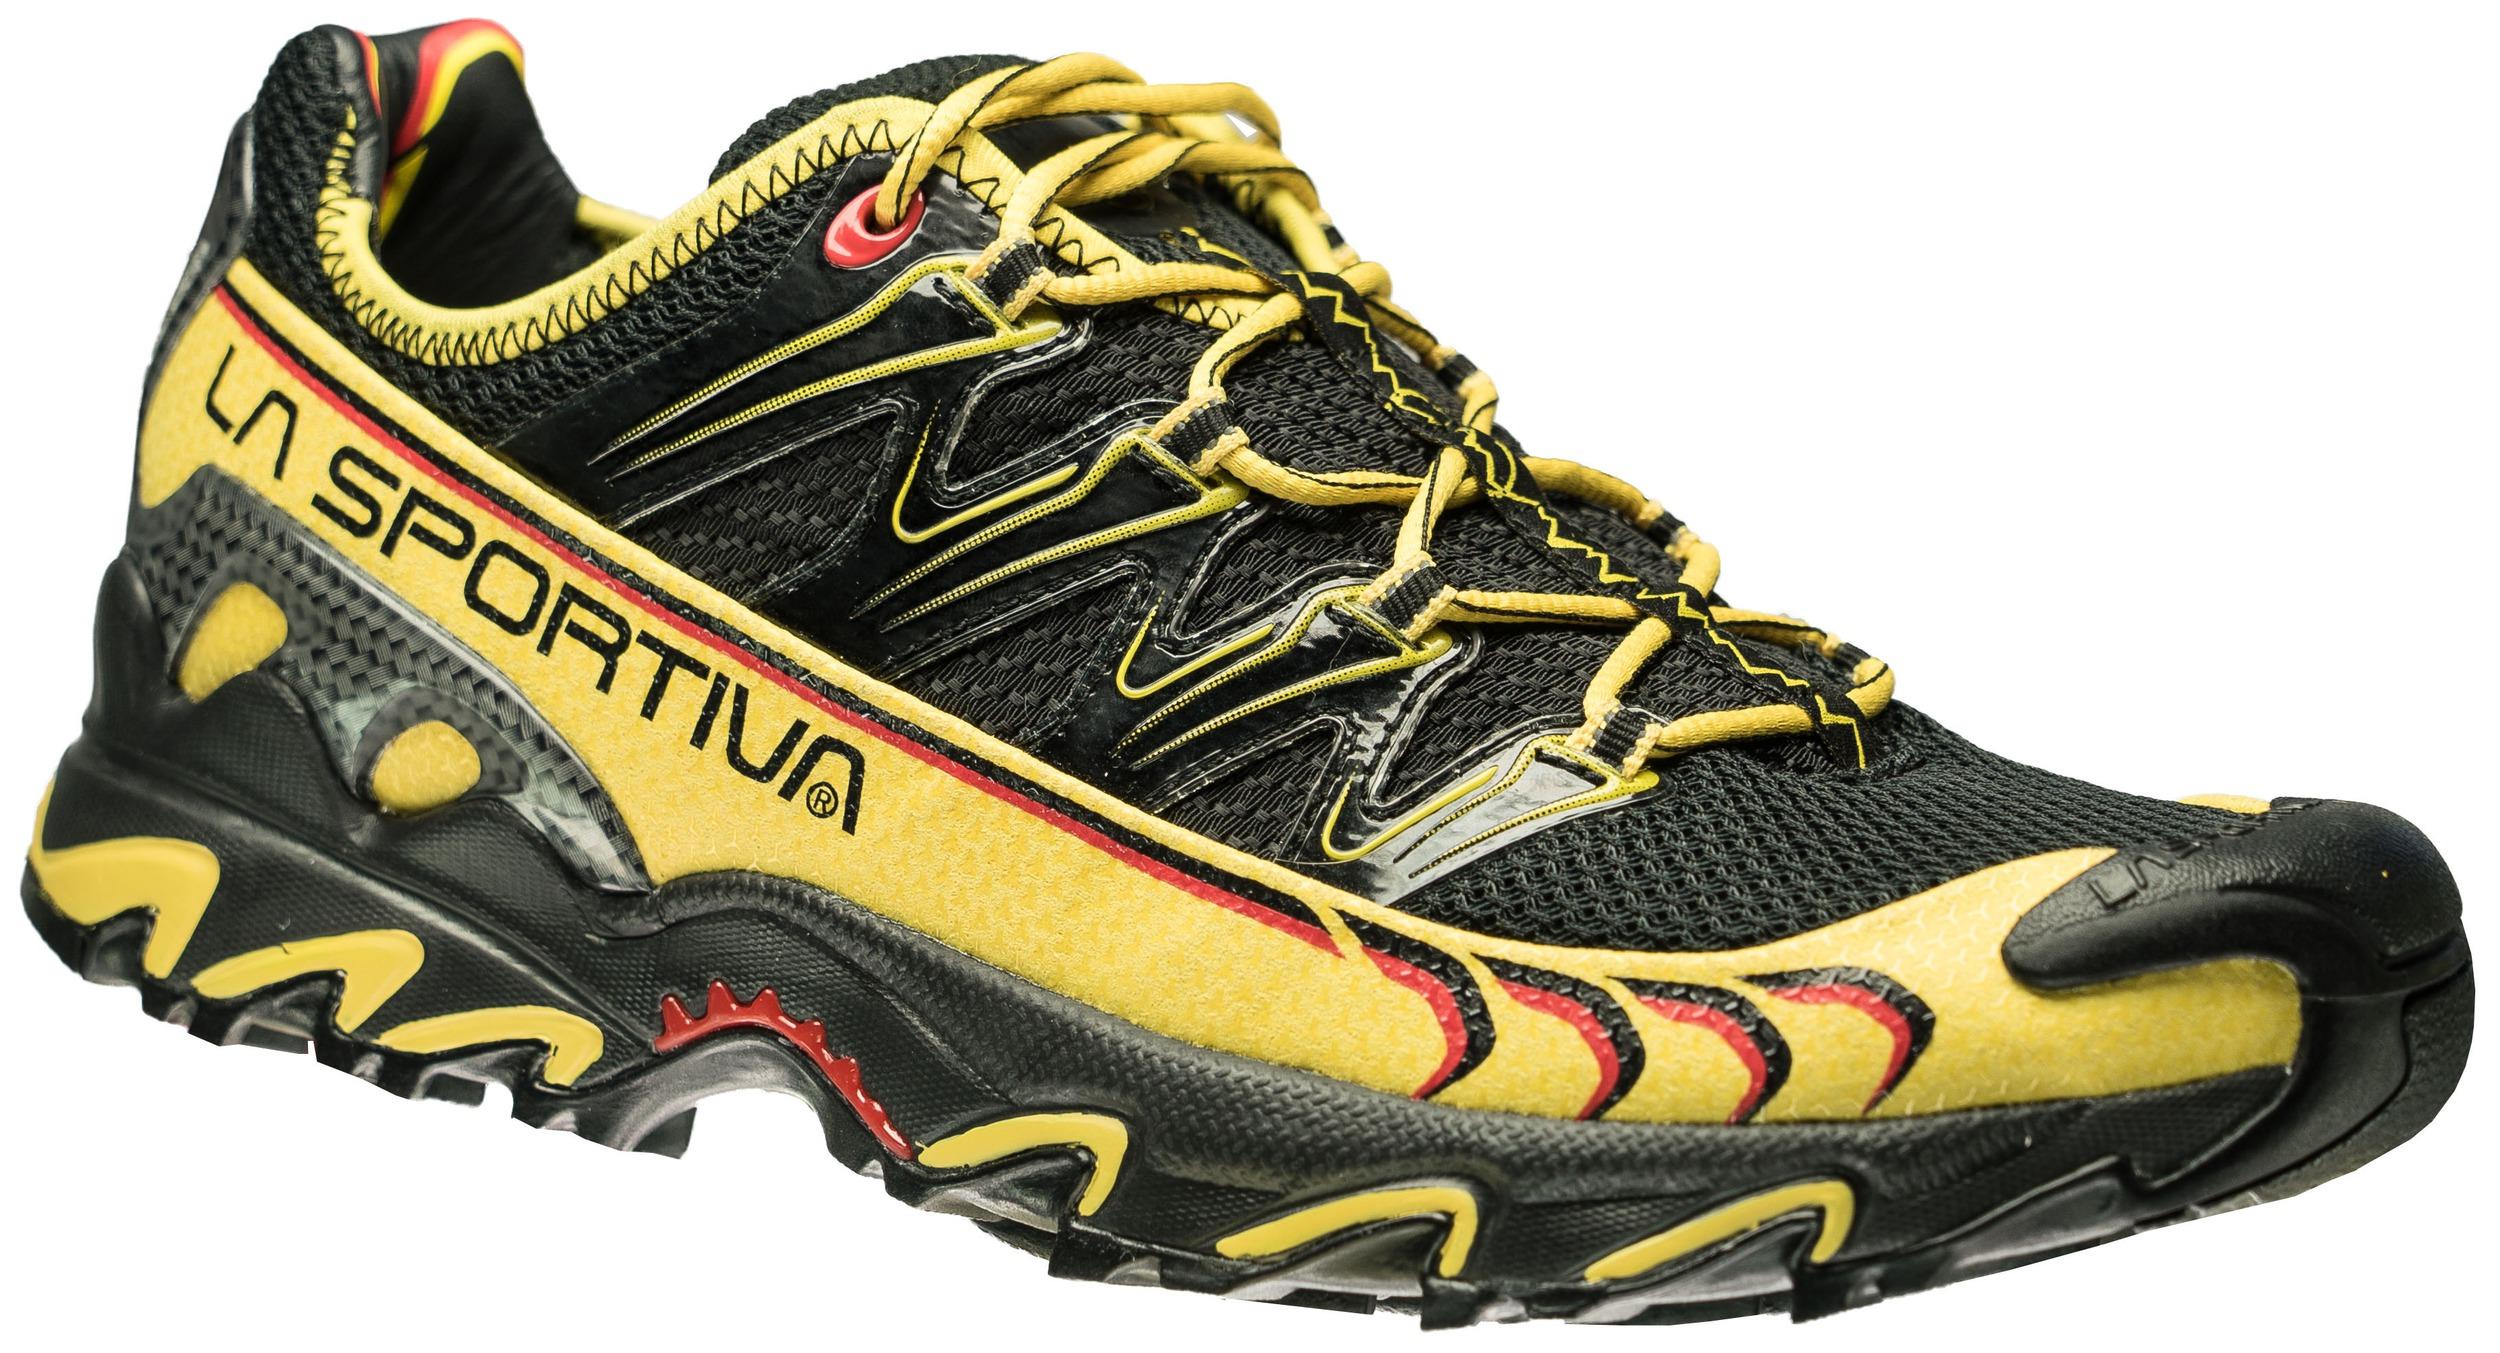 Ra La Chaussures De Trail Ultra Sportiva cT3FlK1J